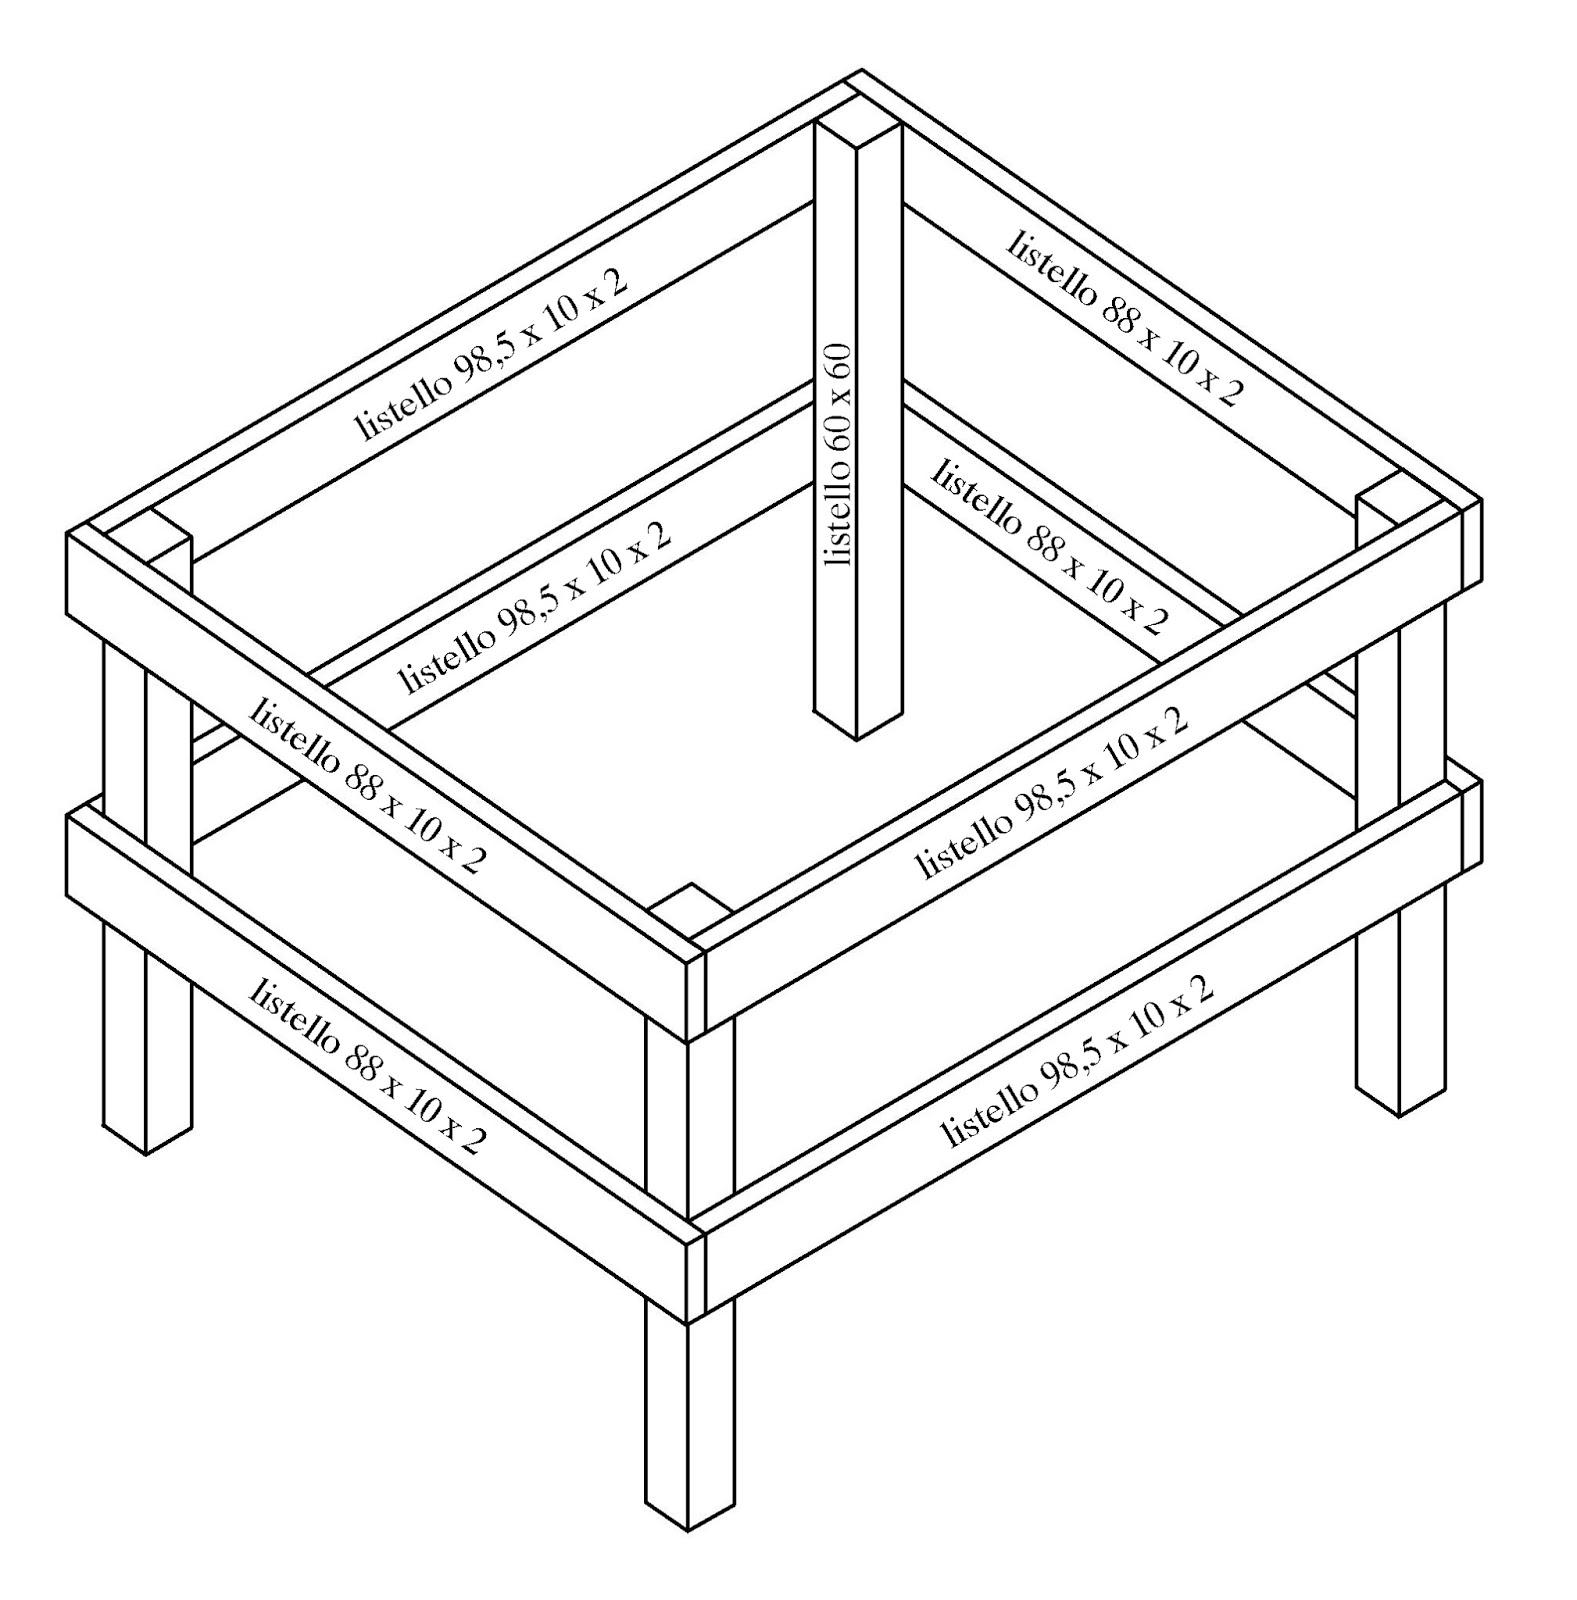 Costruire facile come costruire un tavolo da ping pong - Costruire tavolo ping pong pieghevole ...